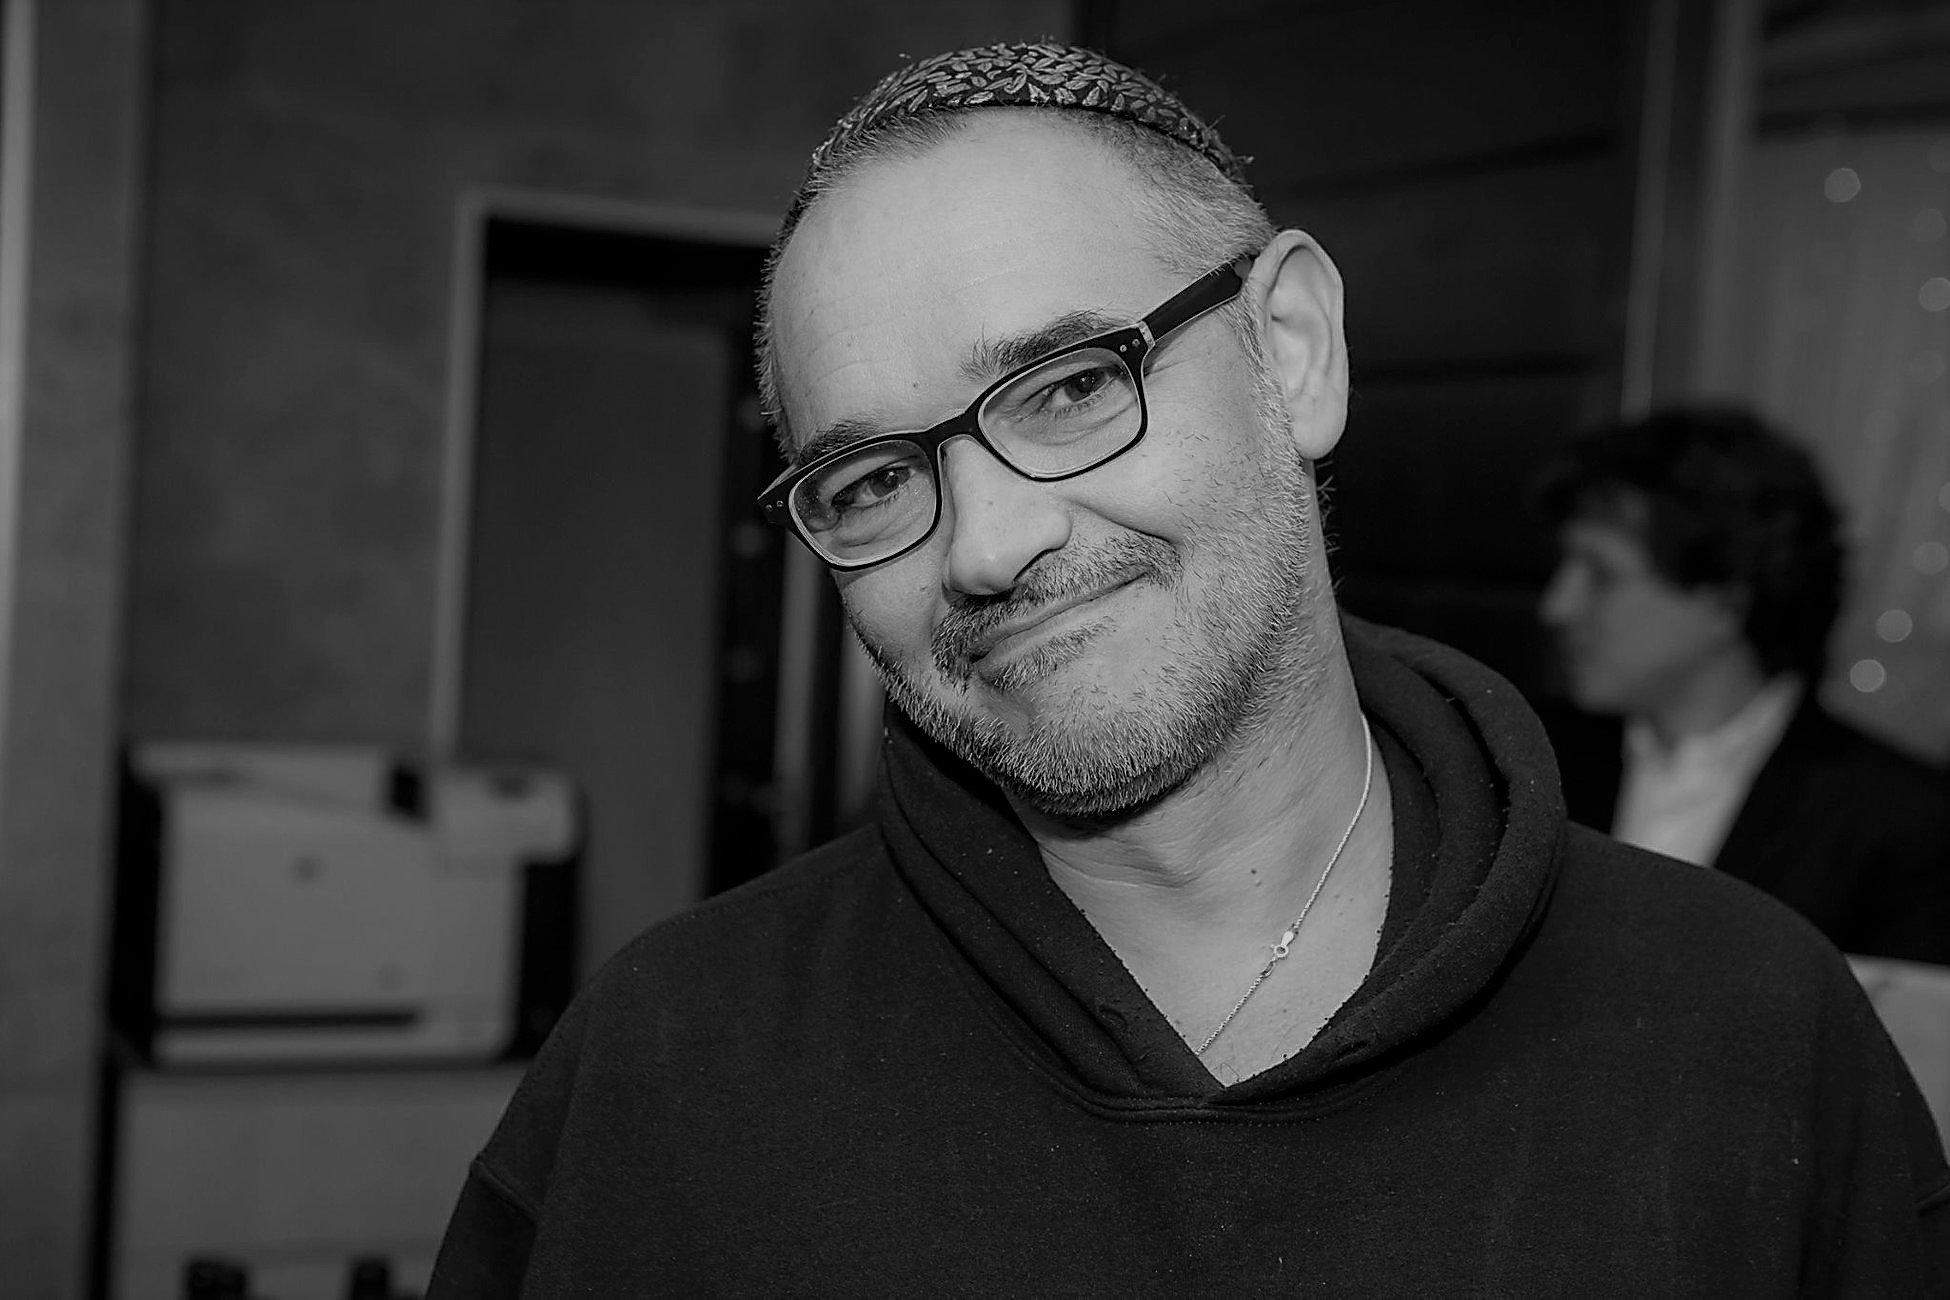 Следственный комитет действительно проверяет обстоятельства смерти медиаменеджера Антона Носика